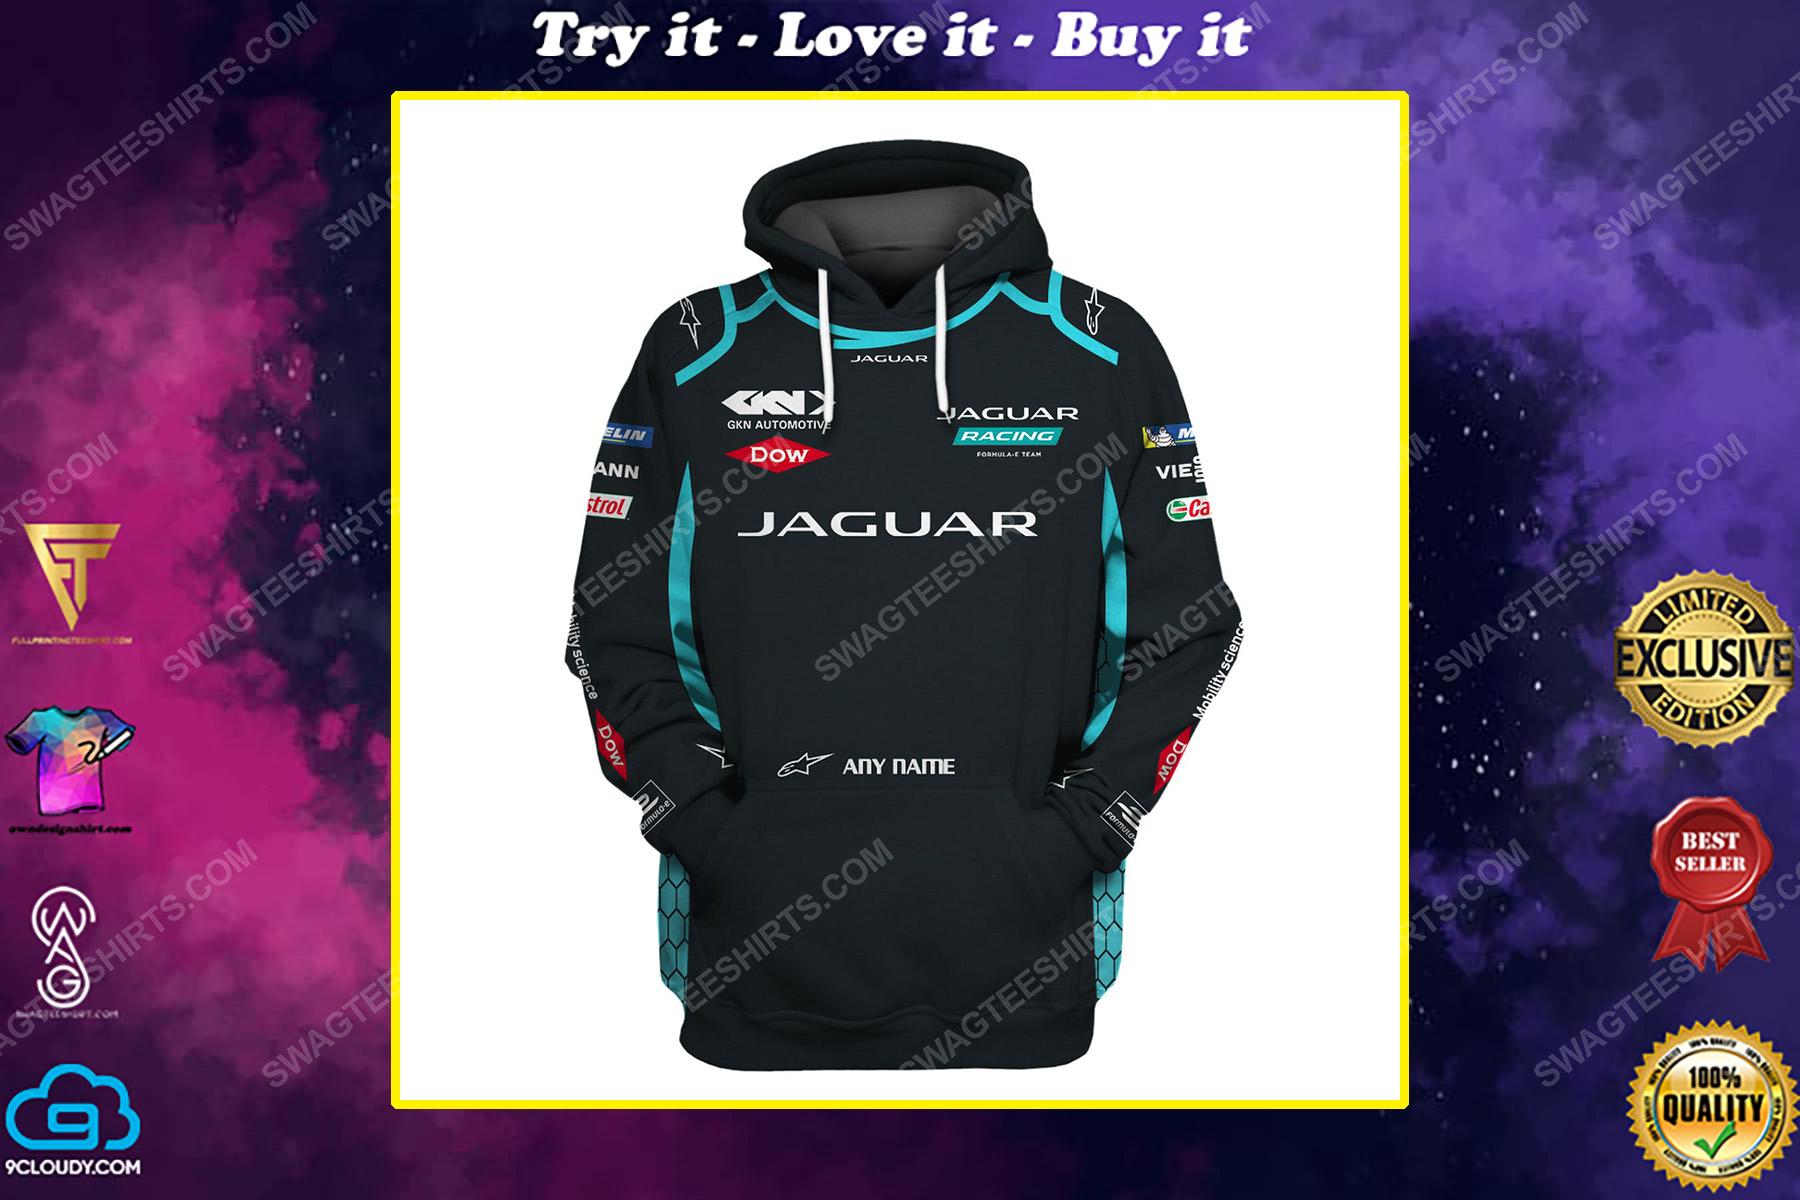 Custom jaguar racing team motorsport full printing shirt